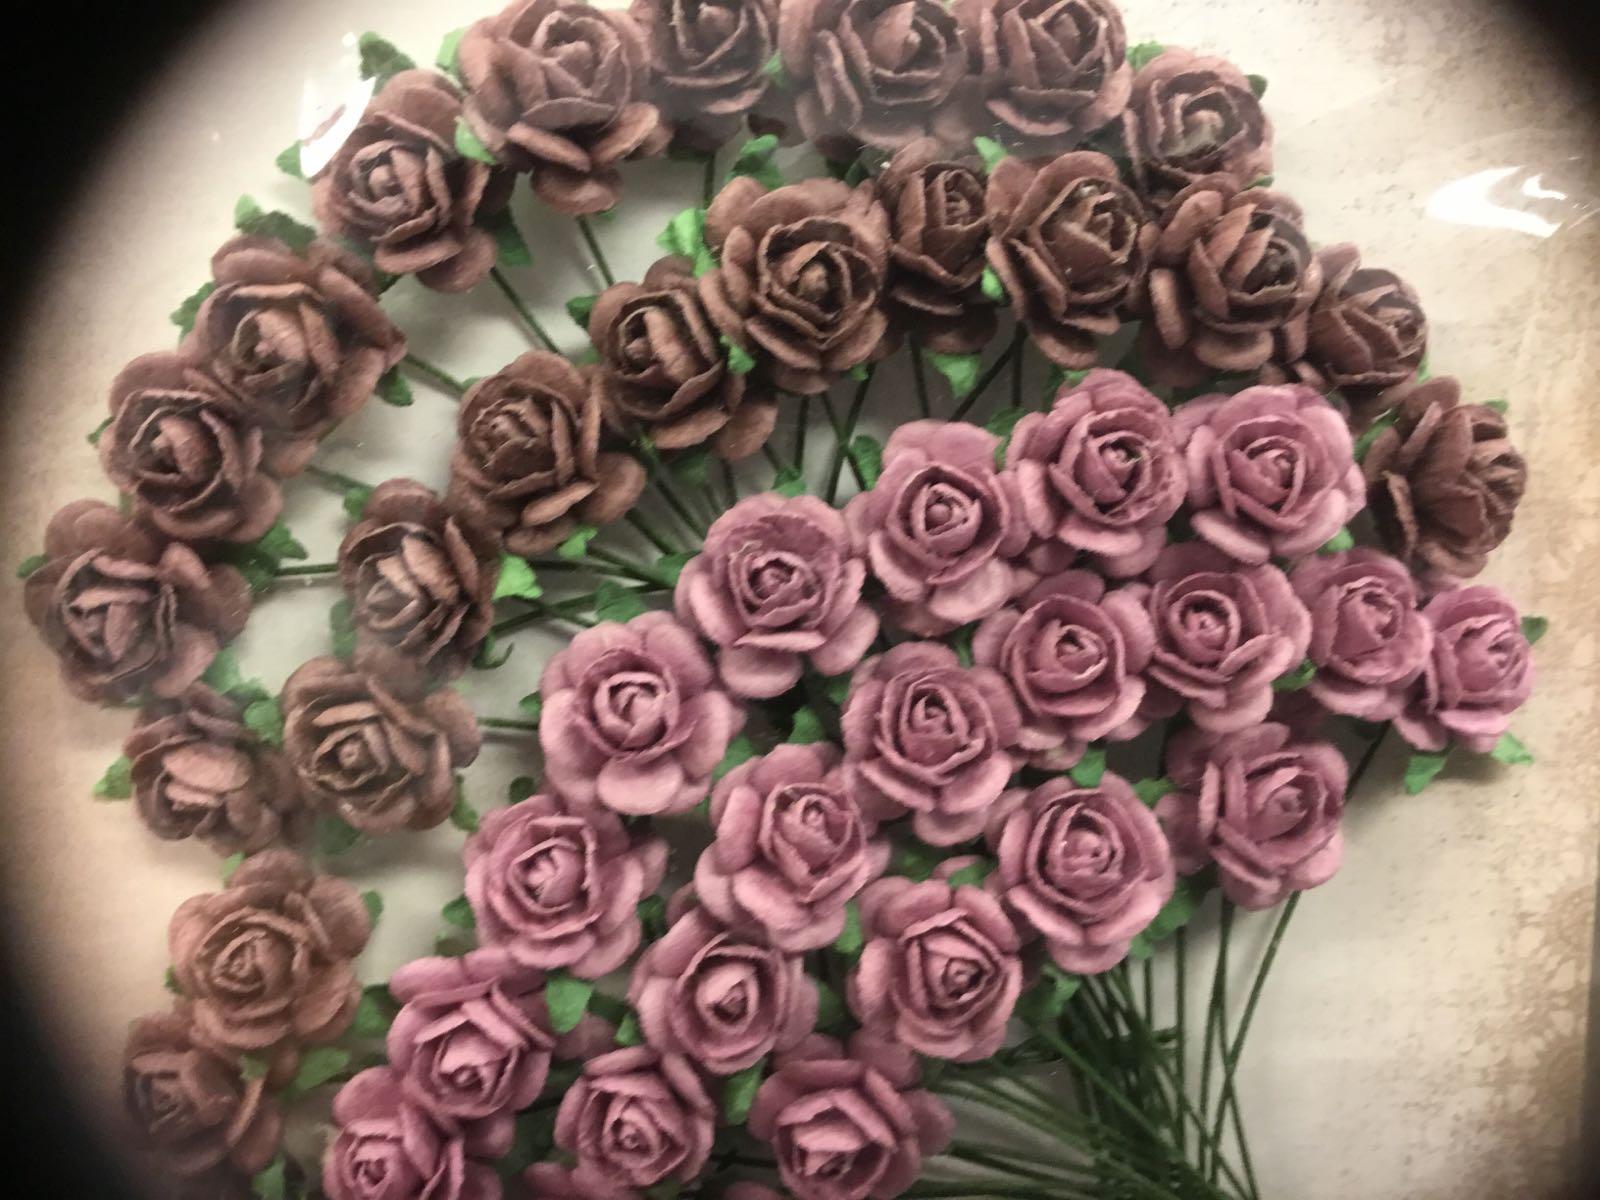 Papirdesign blomst, rose lys lilla/støvlilla, 1,2cm